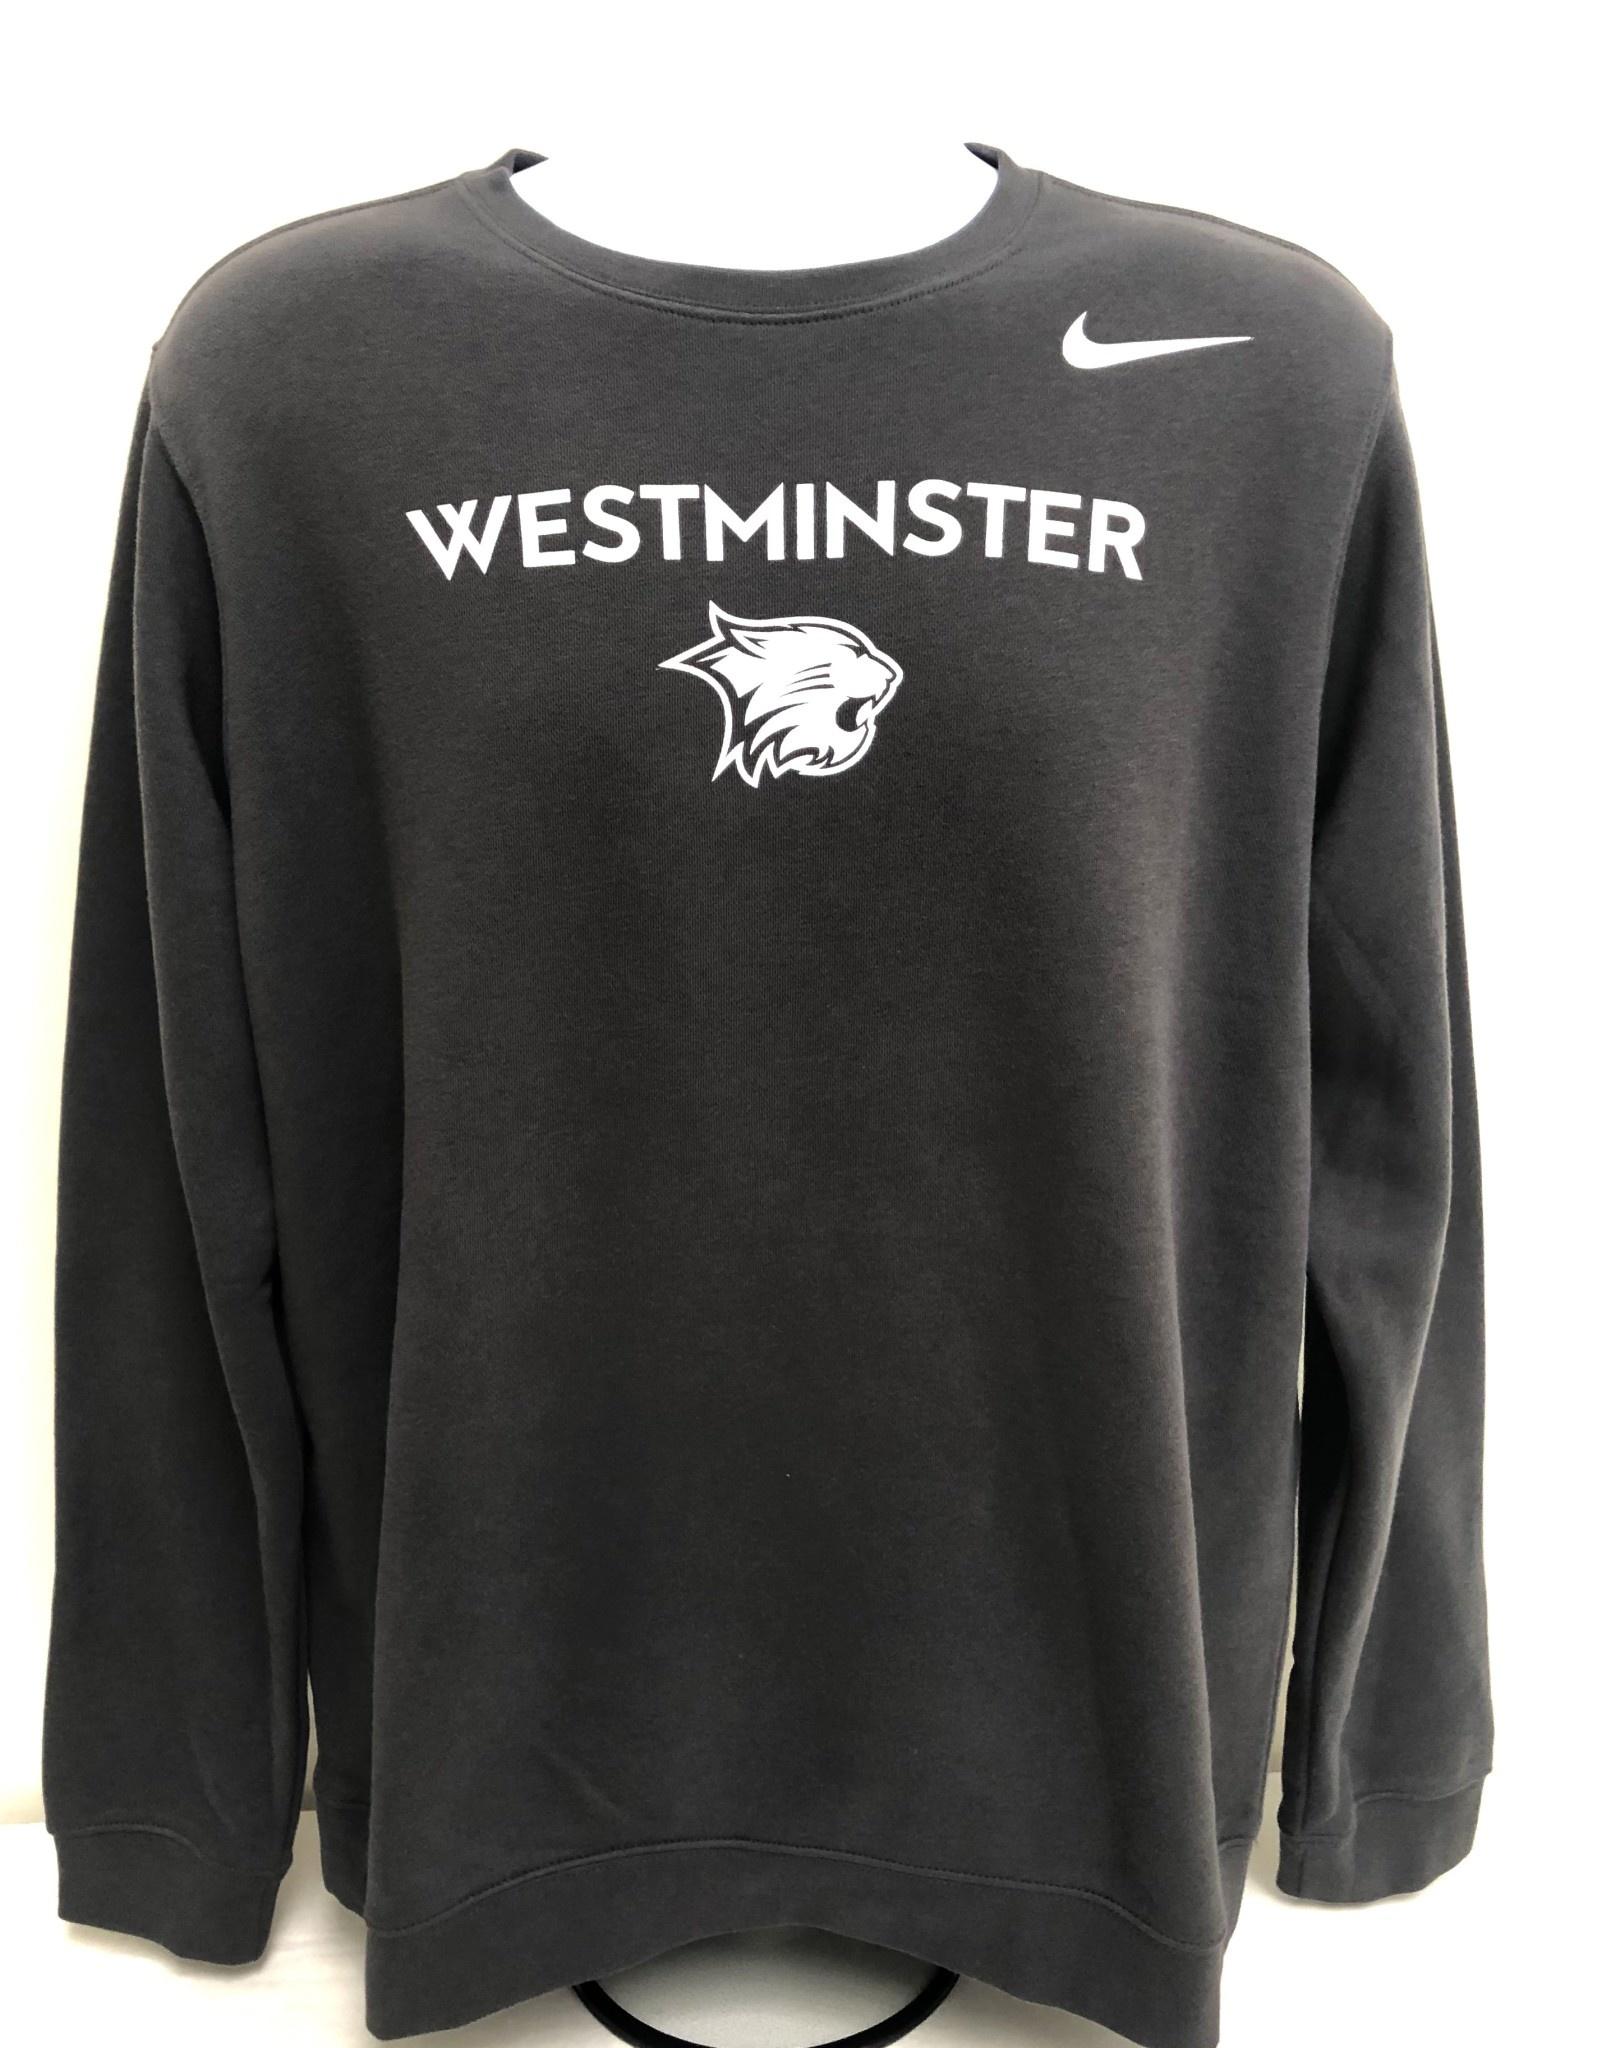 Nike Sweatshirt: Nike Club Fleece Crew